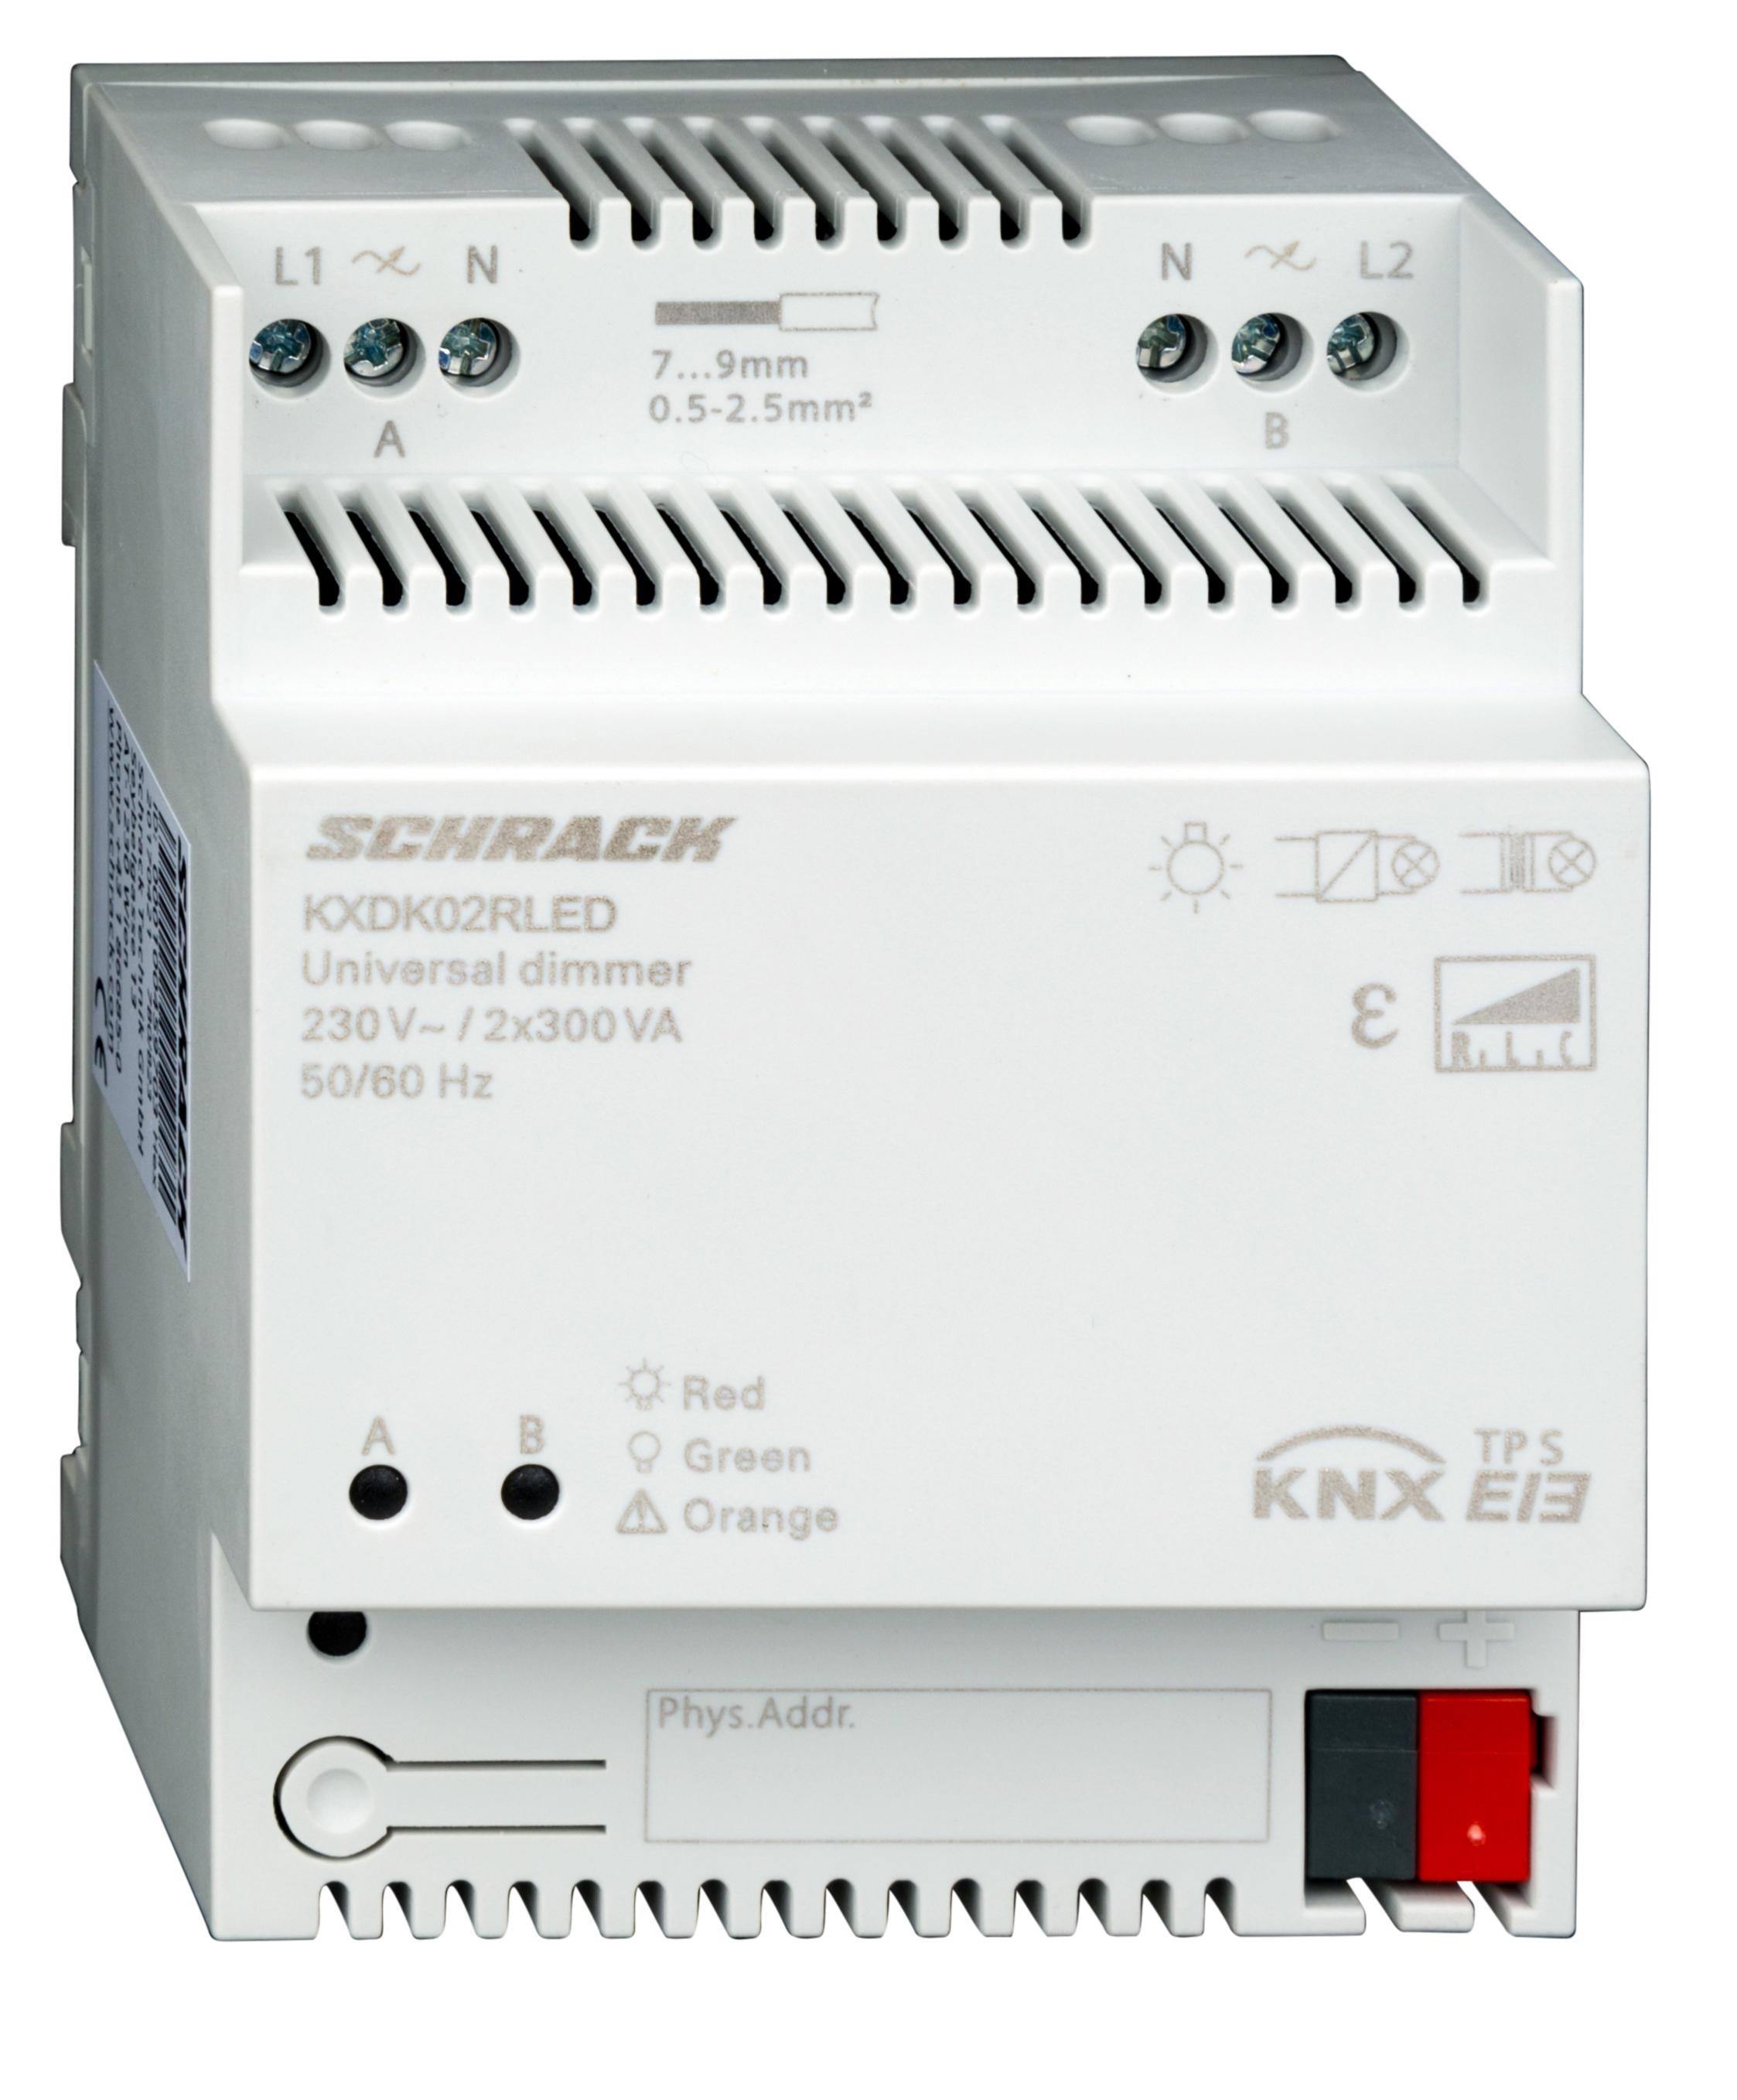 1 Stk KNX Universal Dimmaktor, 2x300VA (für dimmbare LED geeignet) KXDK02RLED